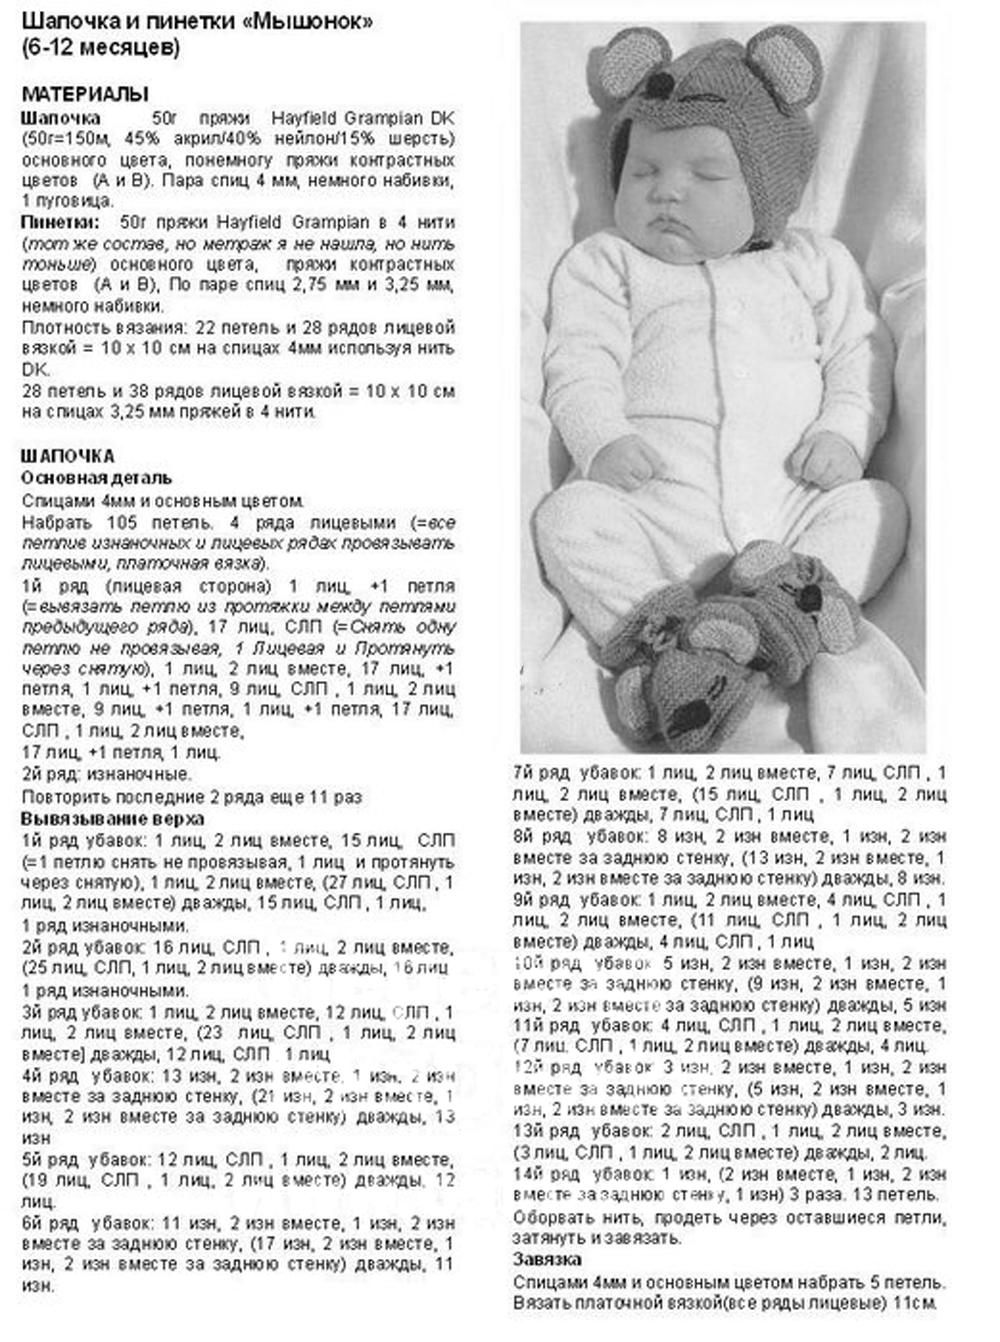 Шапочка для новорожденного 14